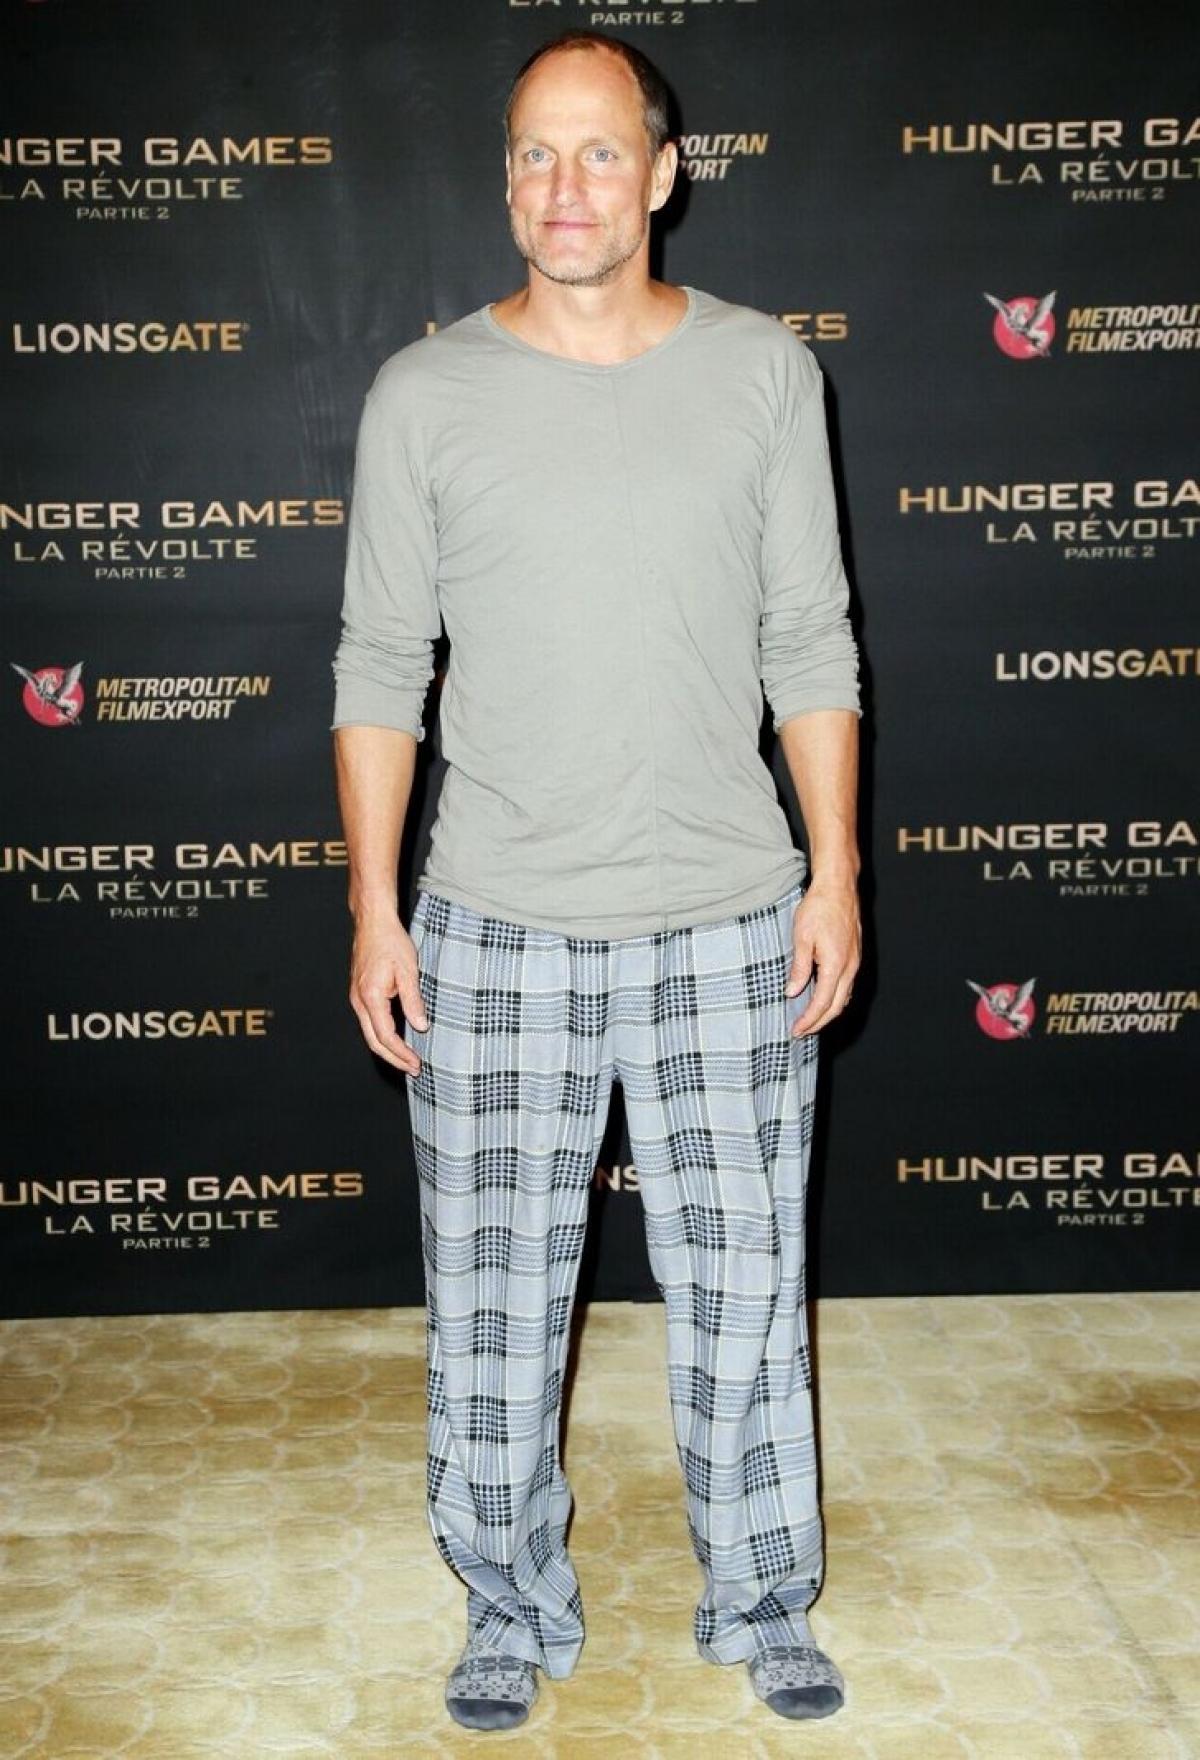 """Woody Harrelson đến buổi công chiếu """"The Hunger Games: Mockingjay - Part 2"""" vớibộ đồ ngủ và đi tất."""